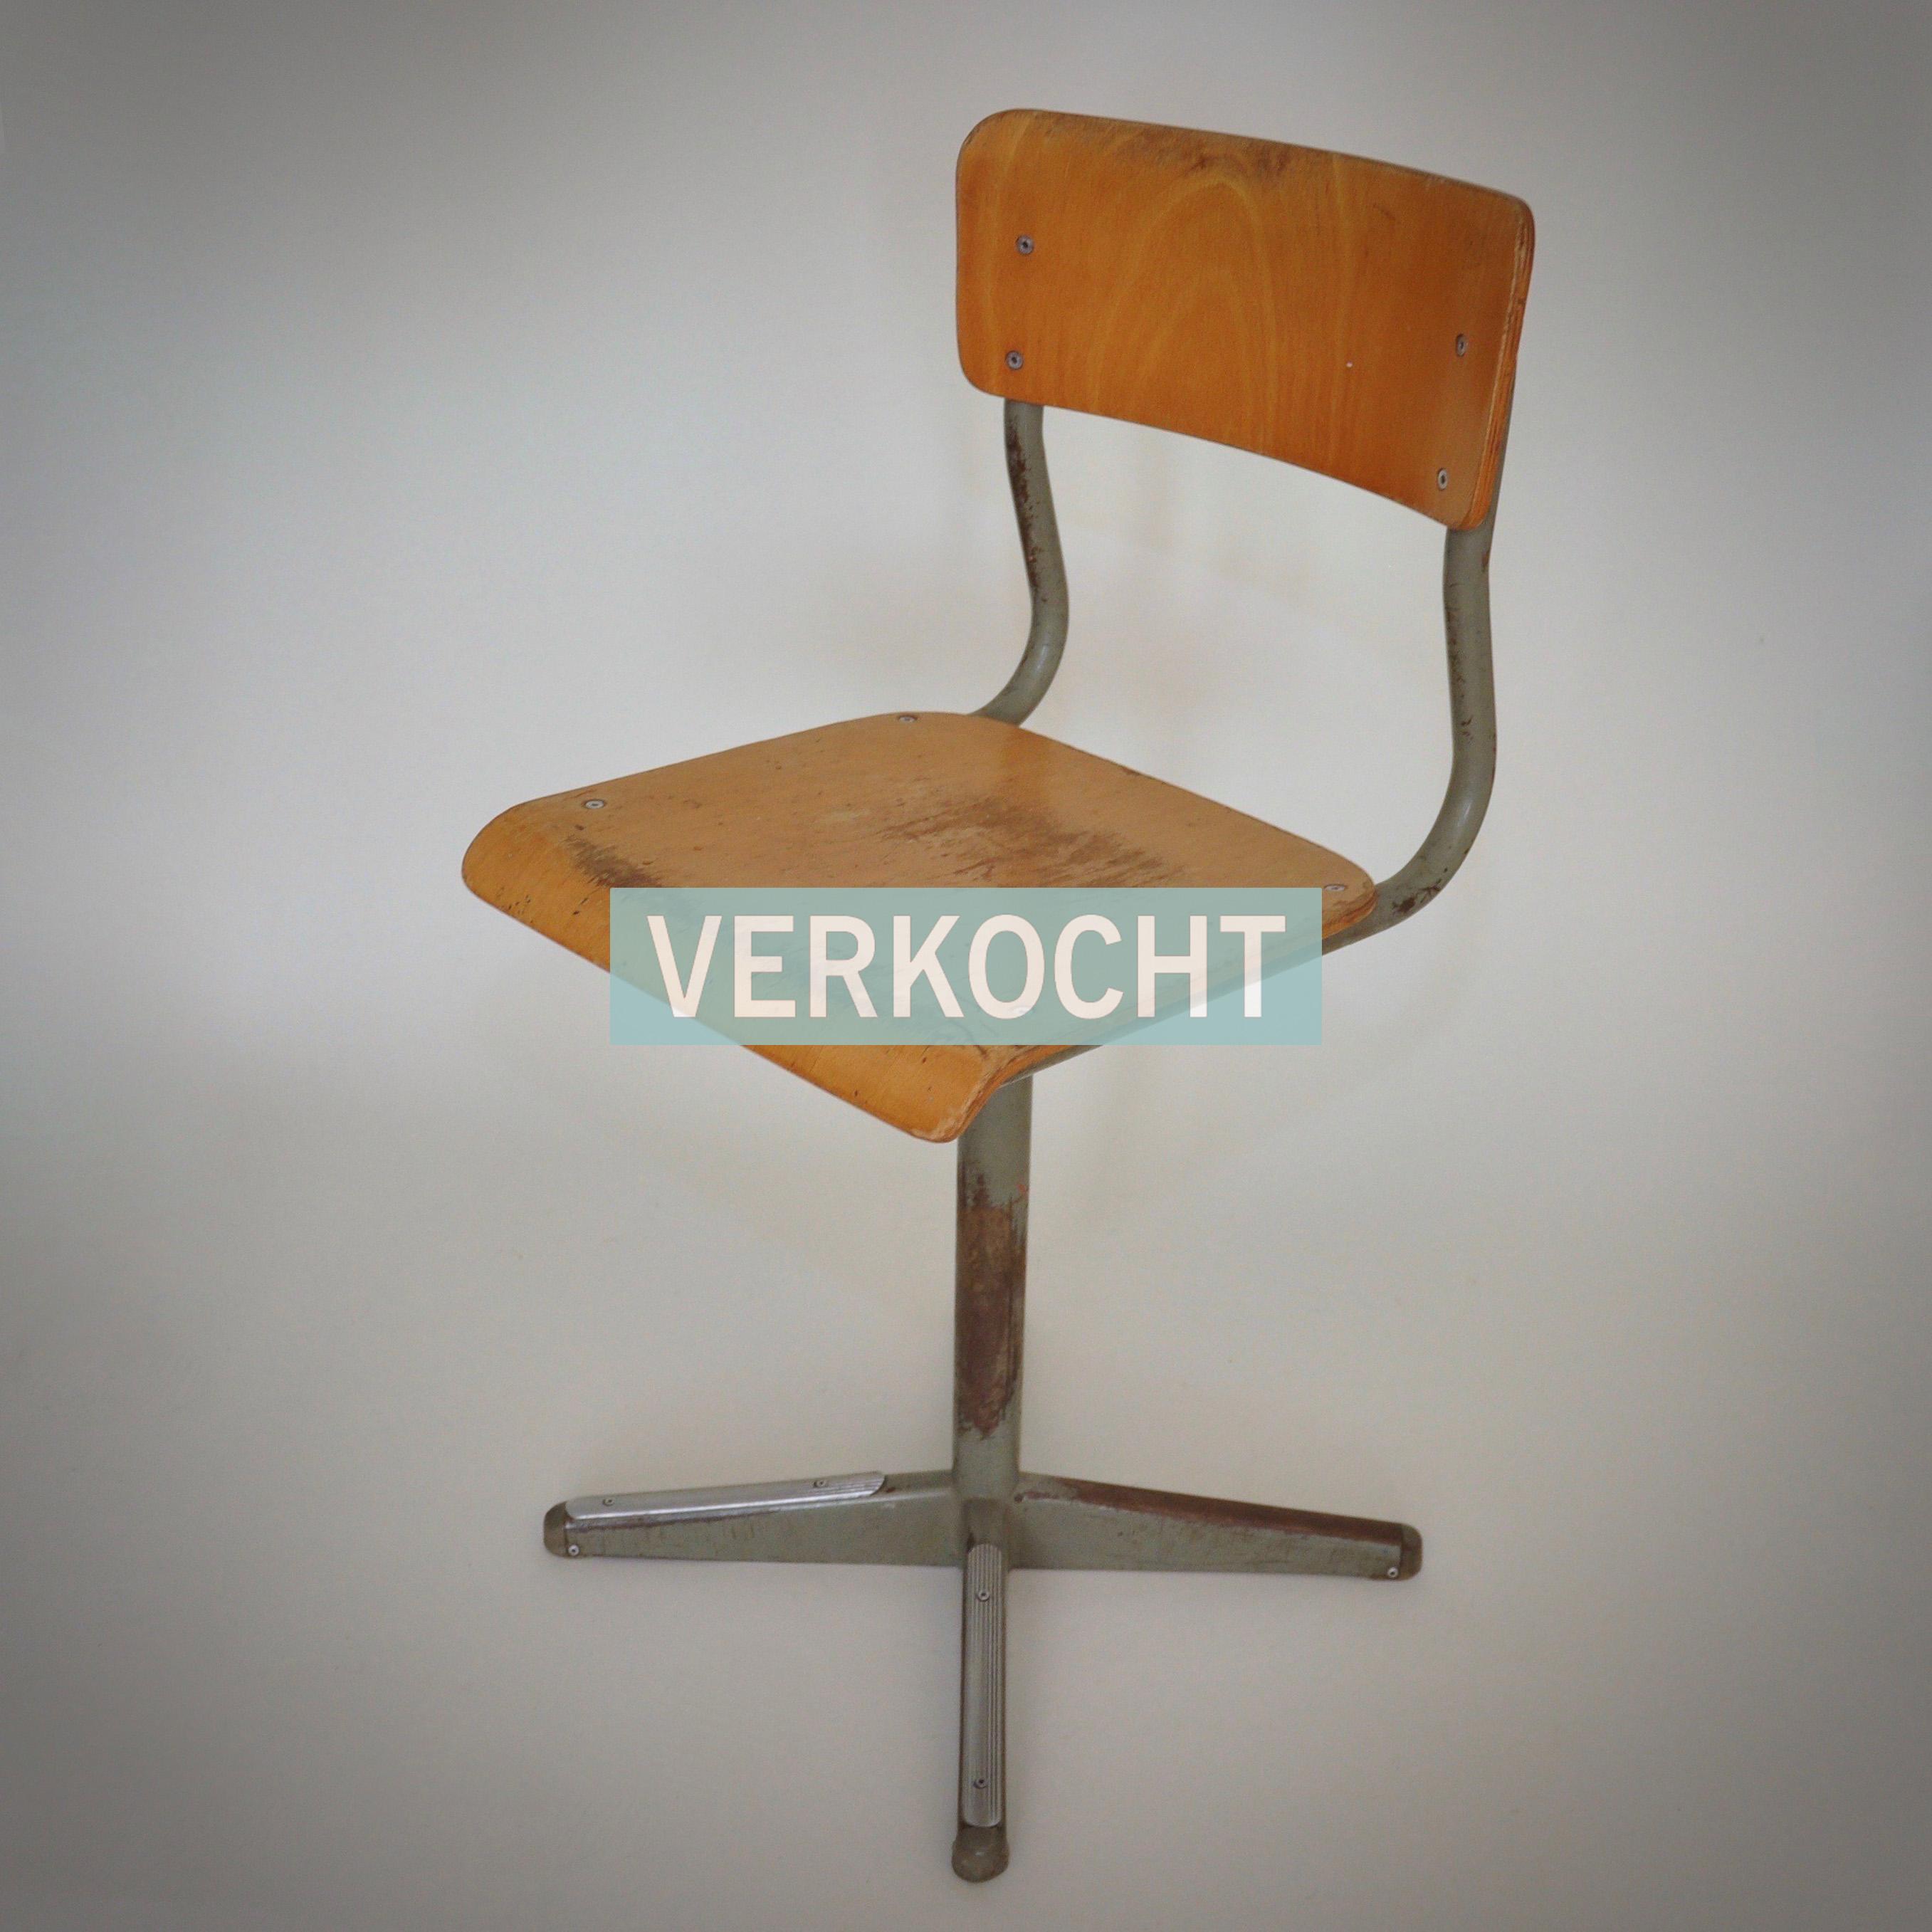 stoere industriële schoolstoel houten zitting metalen staander met vier poten